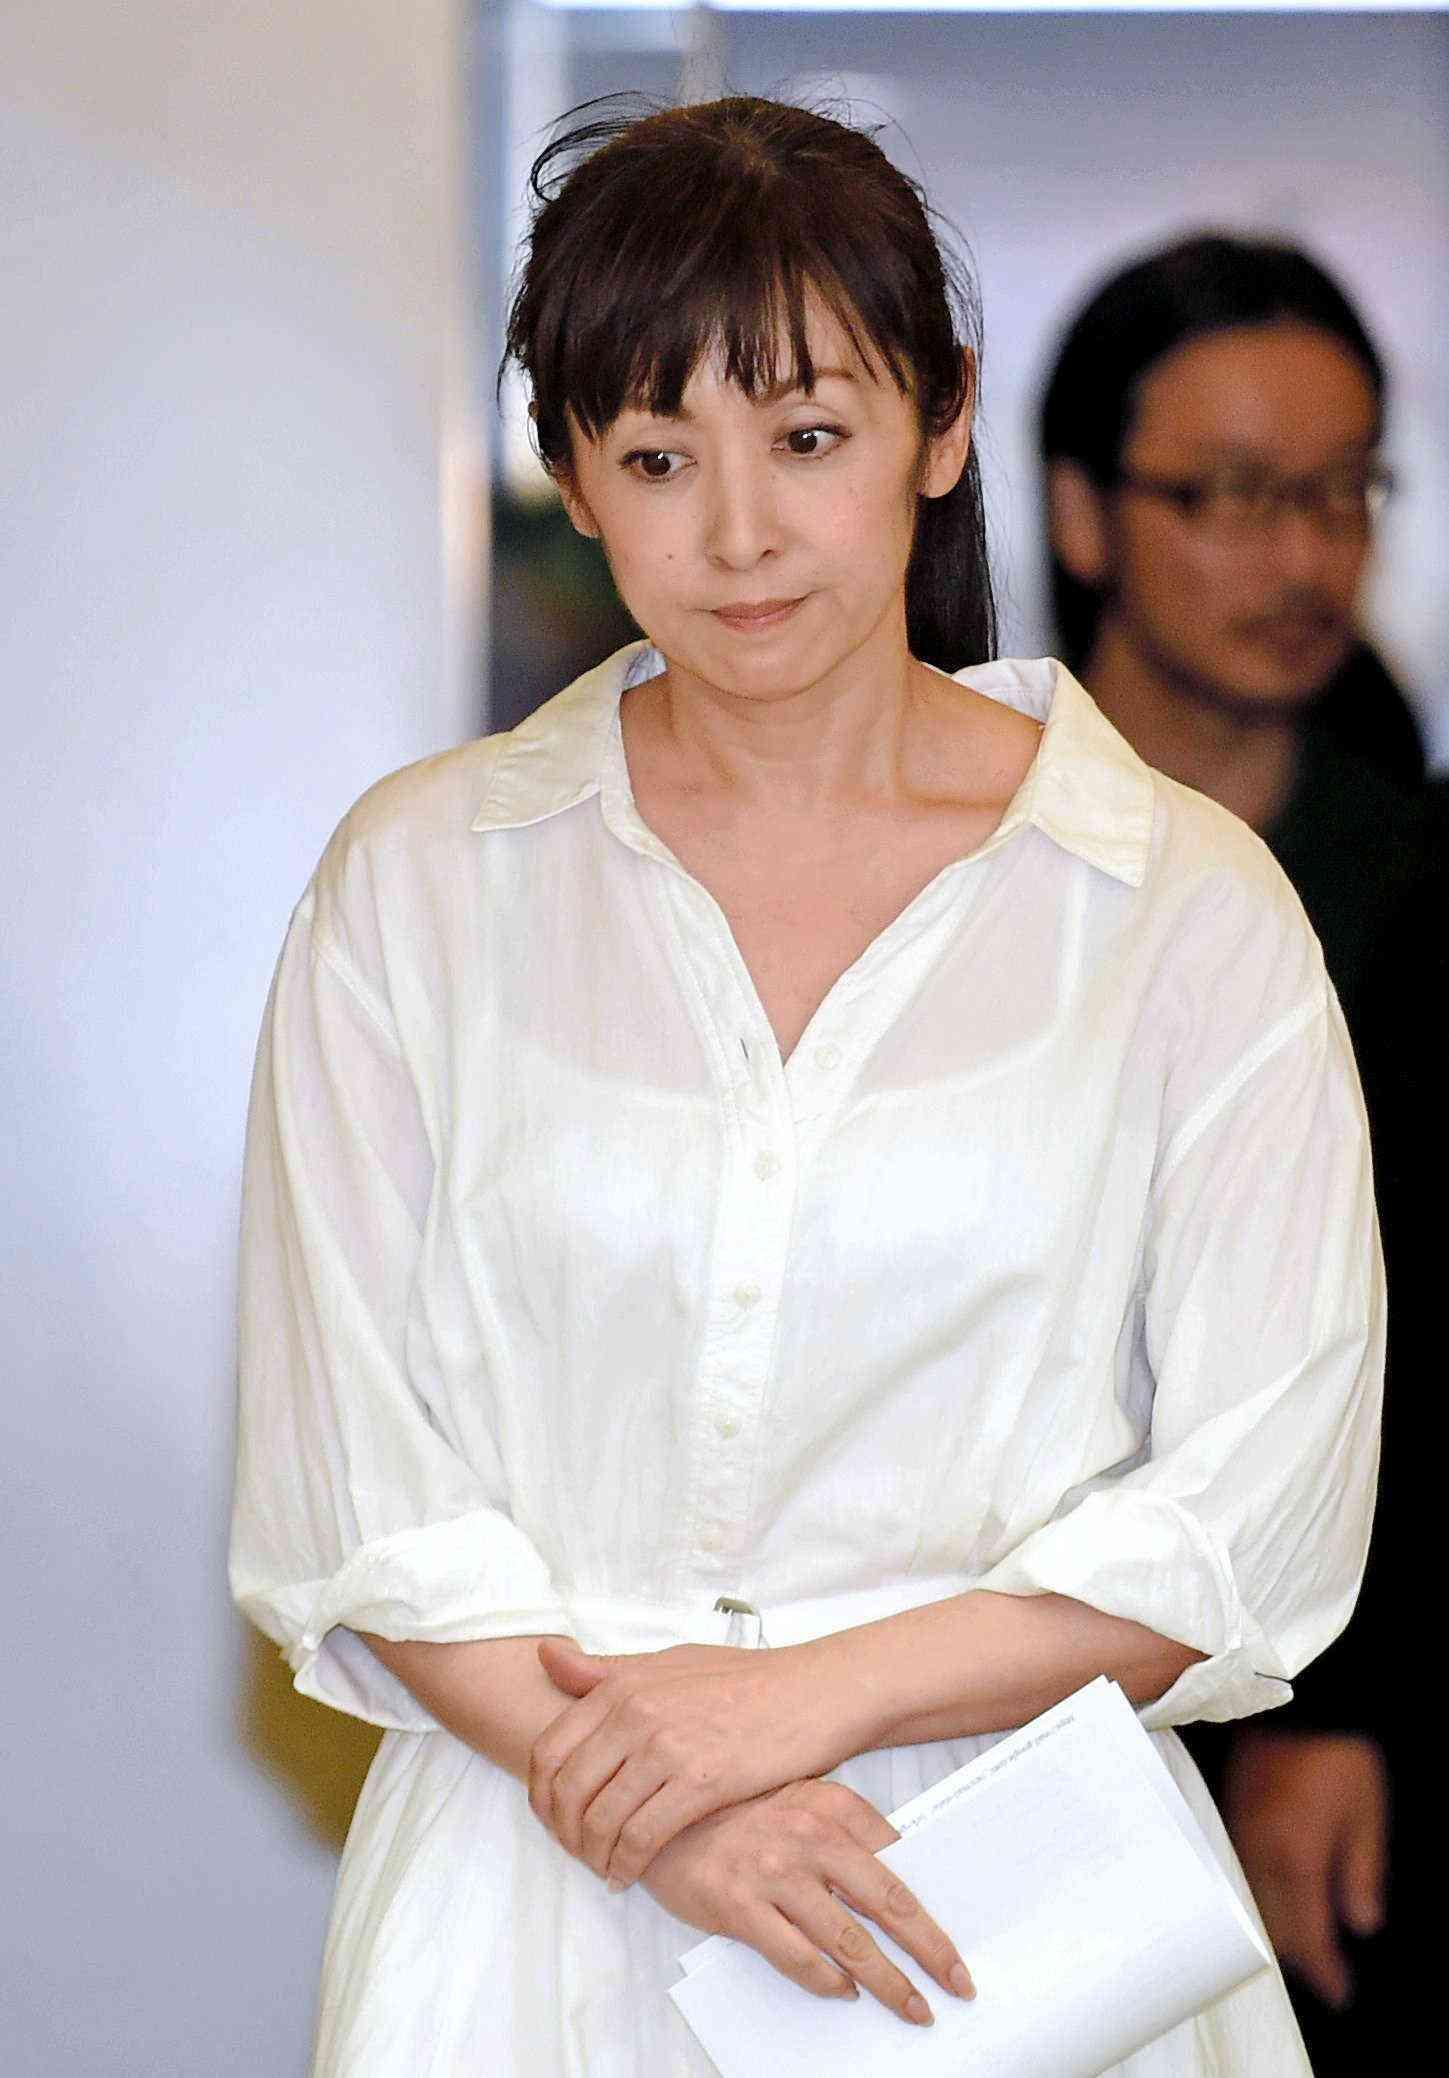 斉藤由貴 不倫代償ジワリ 所属事務所、CMスポンサーに抗議電話 (デイリースポーツ) - Yahoo!ニュース